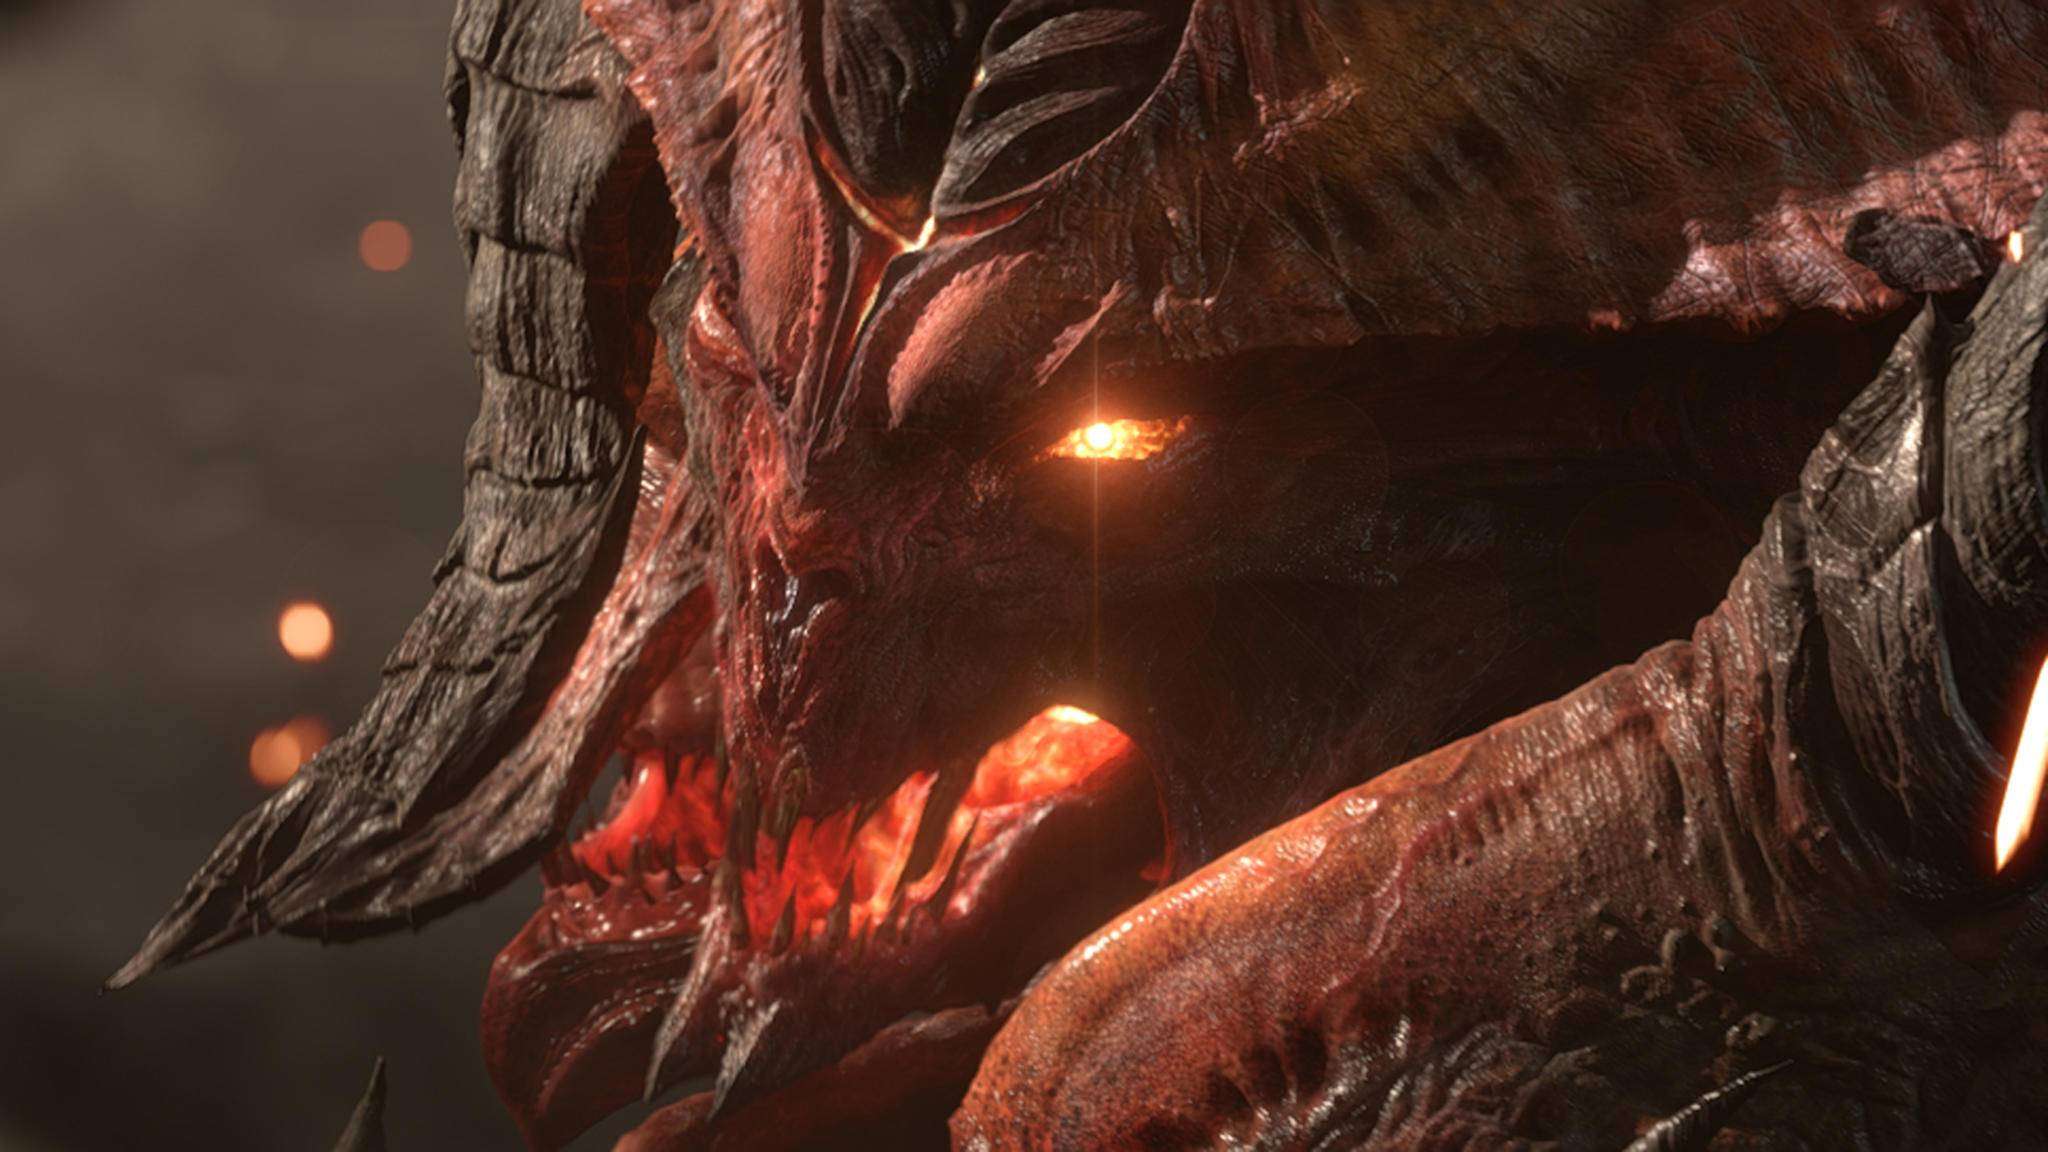 Diablo 3-Blizzard Entertainment 2